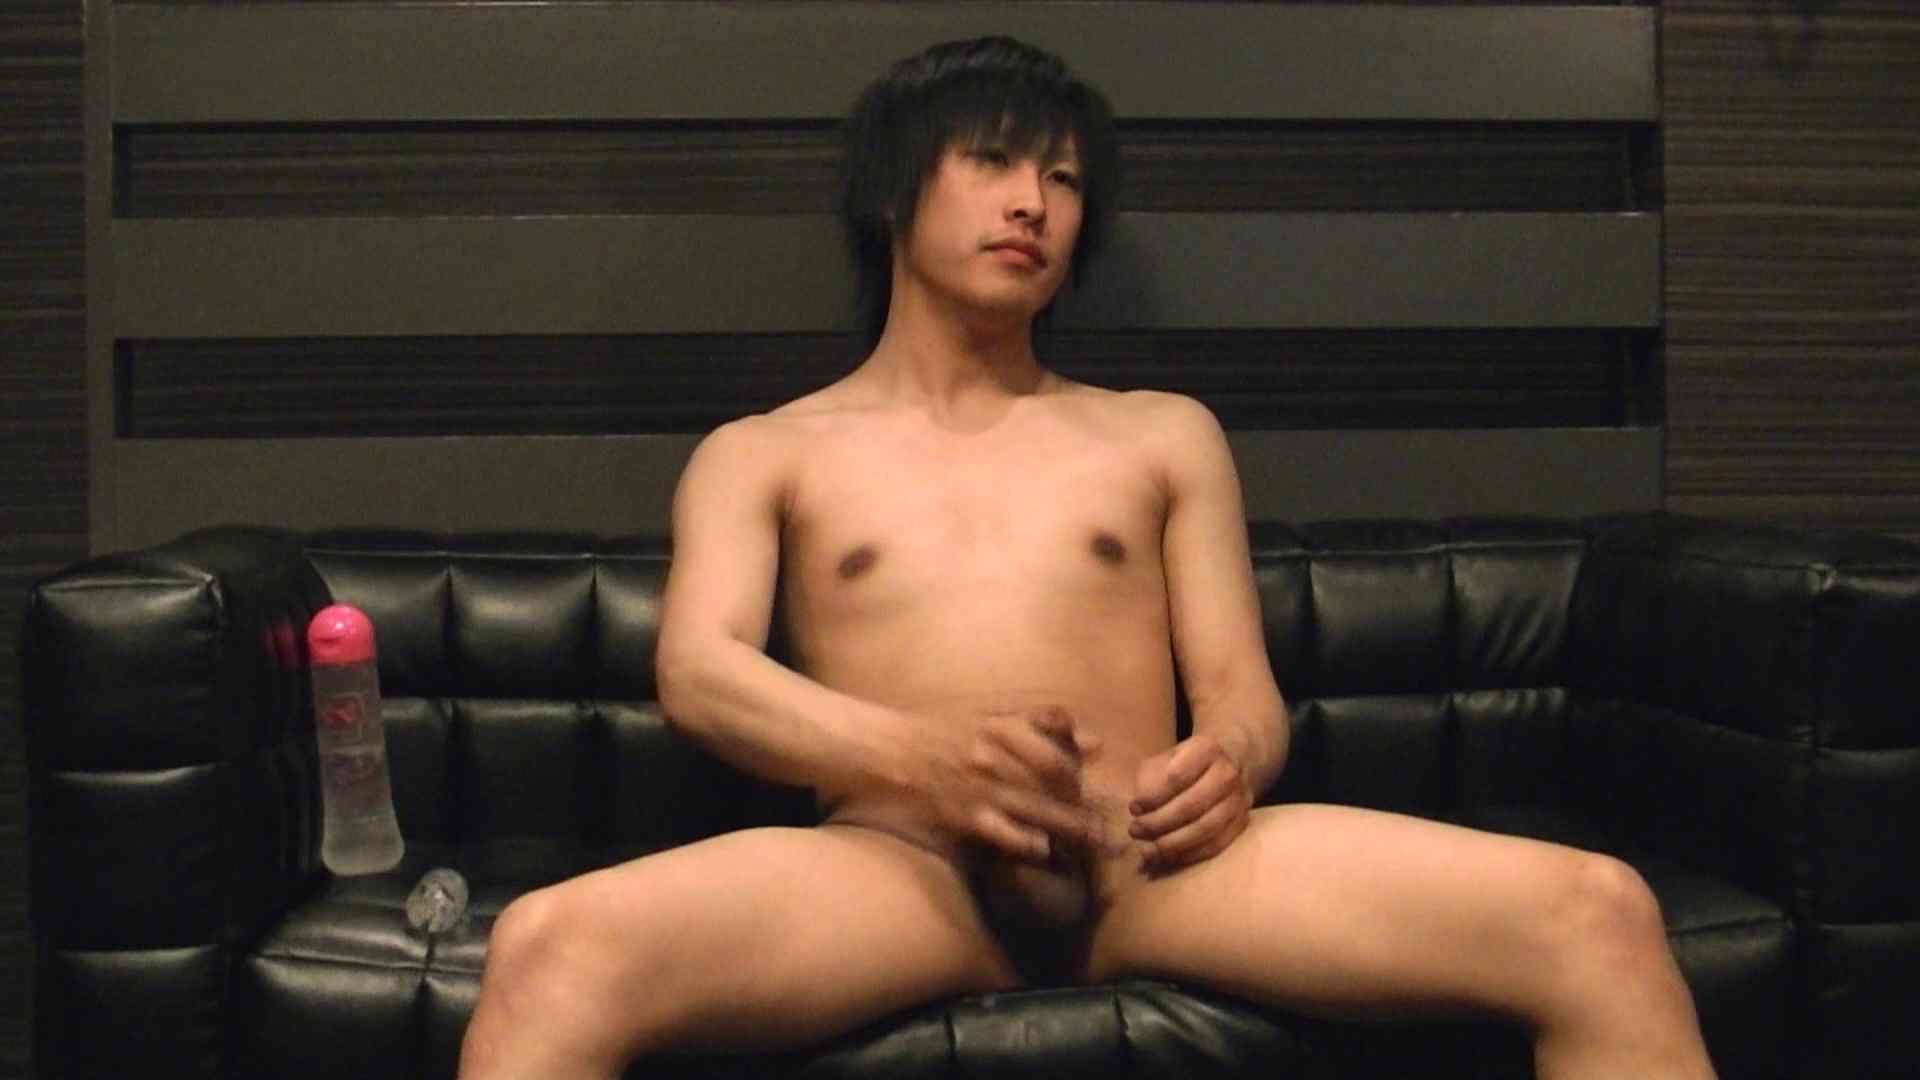 Mr.オナックスさん投稿!HD 貴方のオナニー三万円で撮影させてください。VOL.01 オナニー特集 | スジ筋系ボーイズ  101pic 67